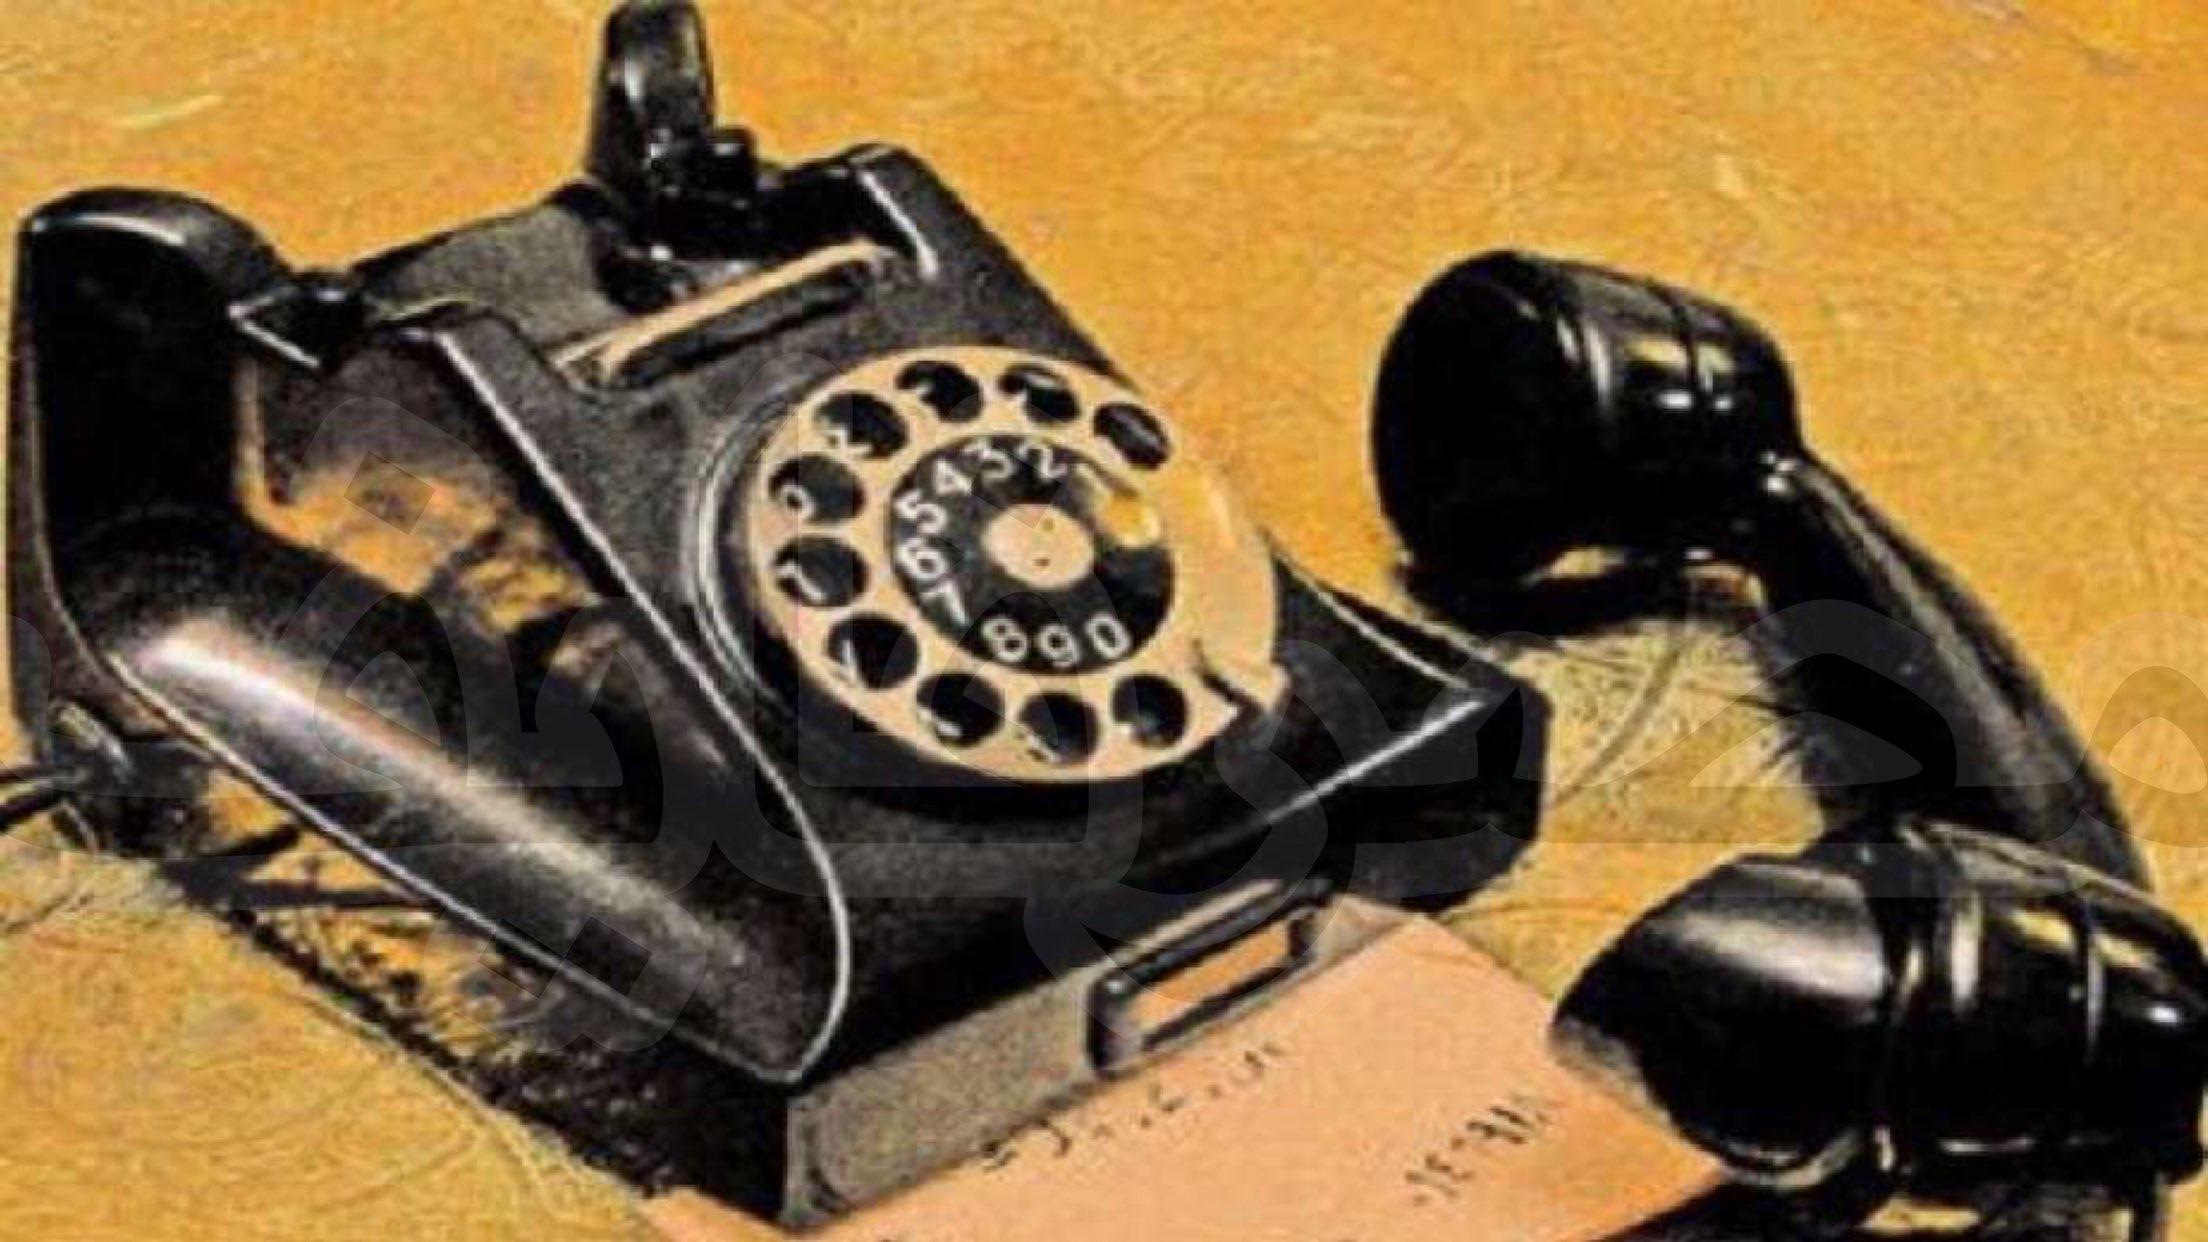 استعلام وسداد فاتورة التليفون الارضي 2021 قبل تعليق الخدمة 15 سبتمبر!